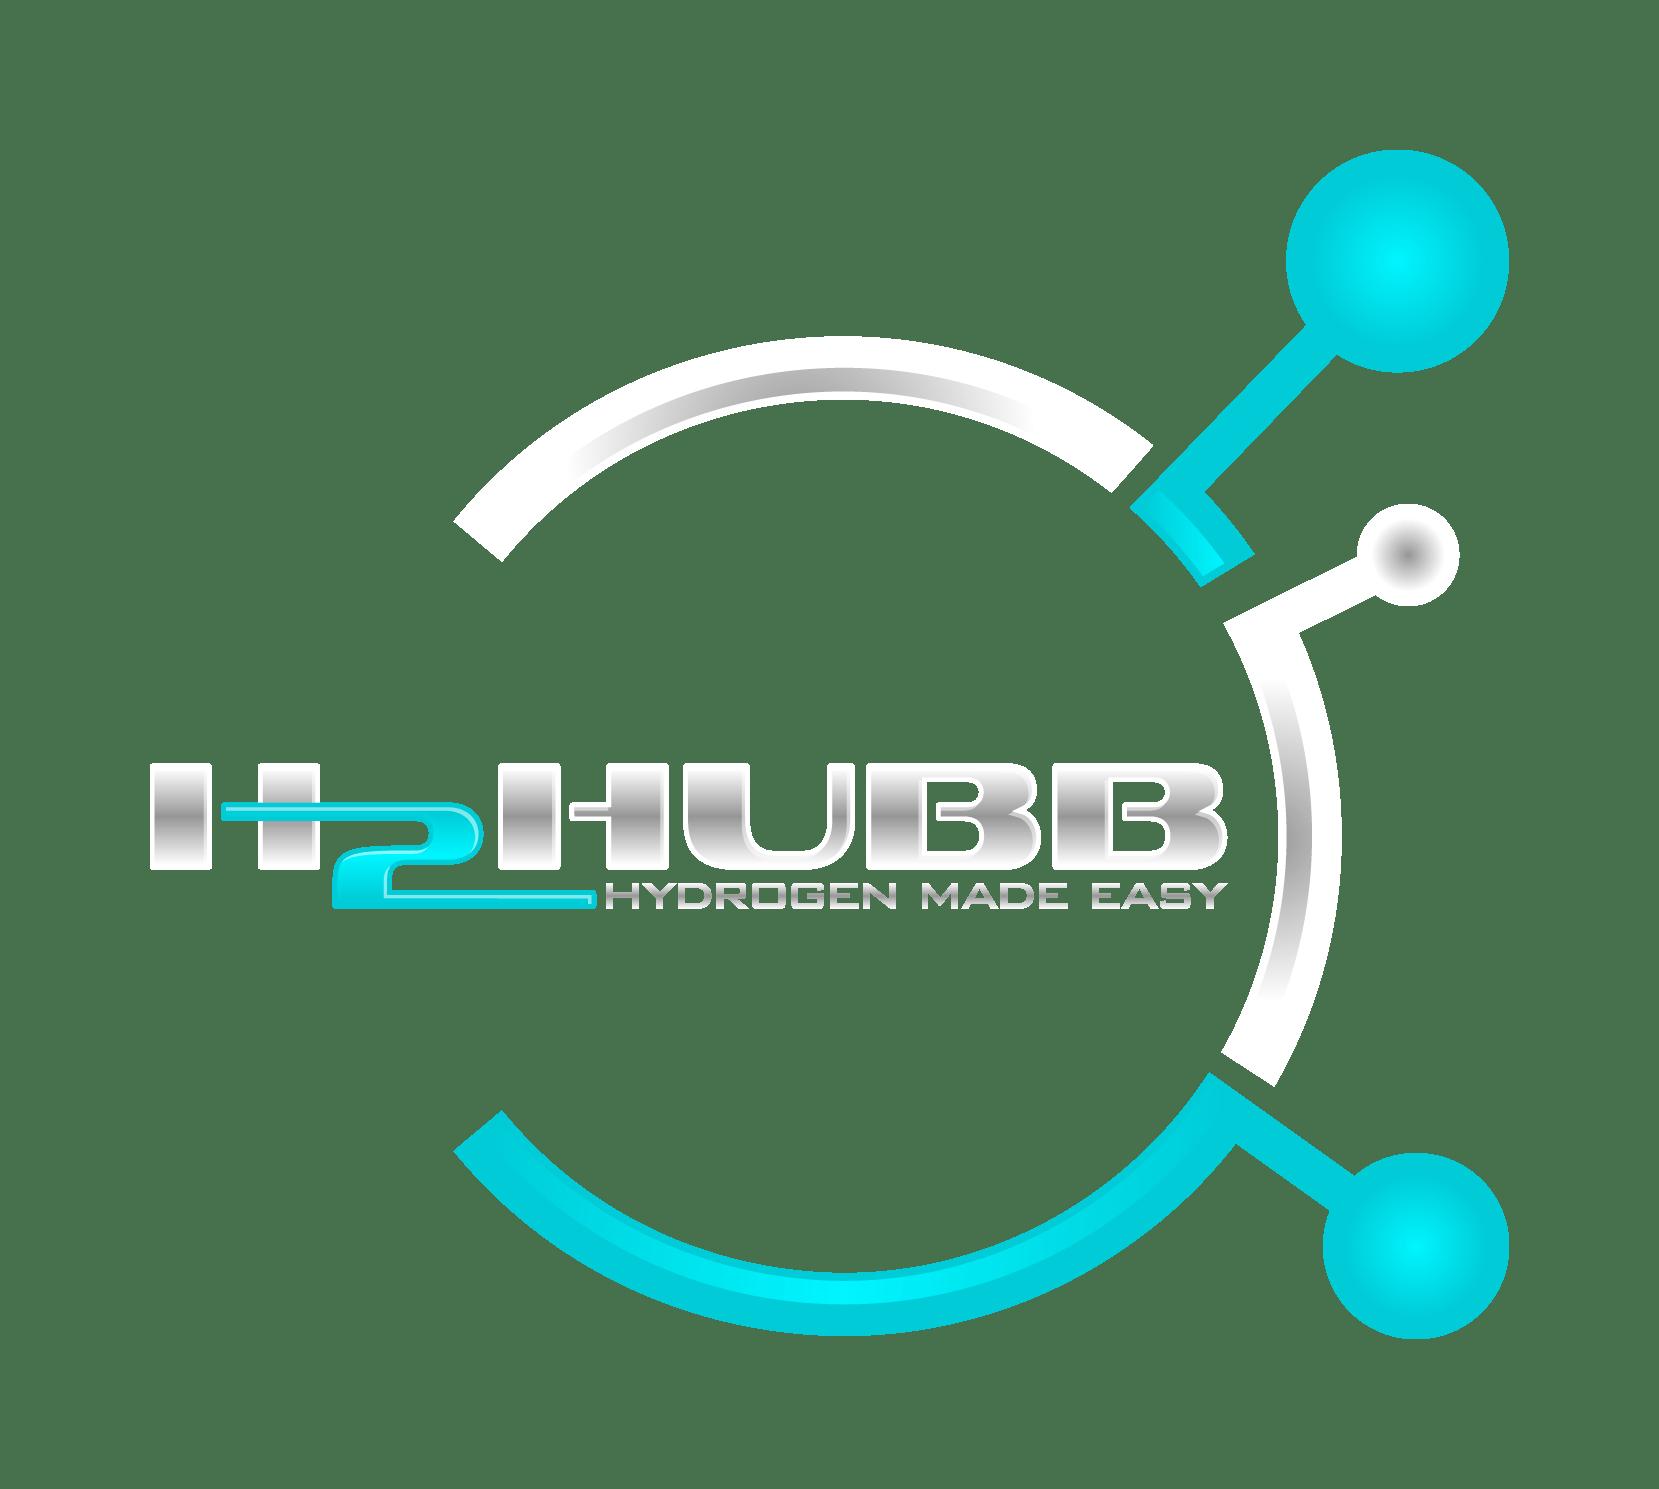 H2 HUBB